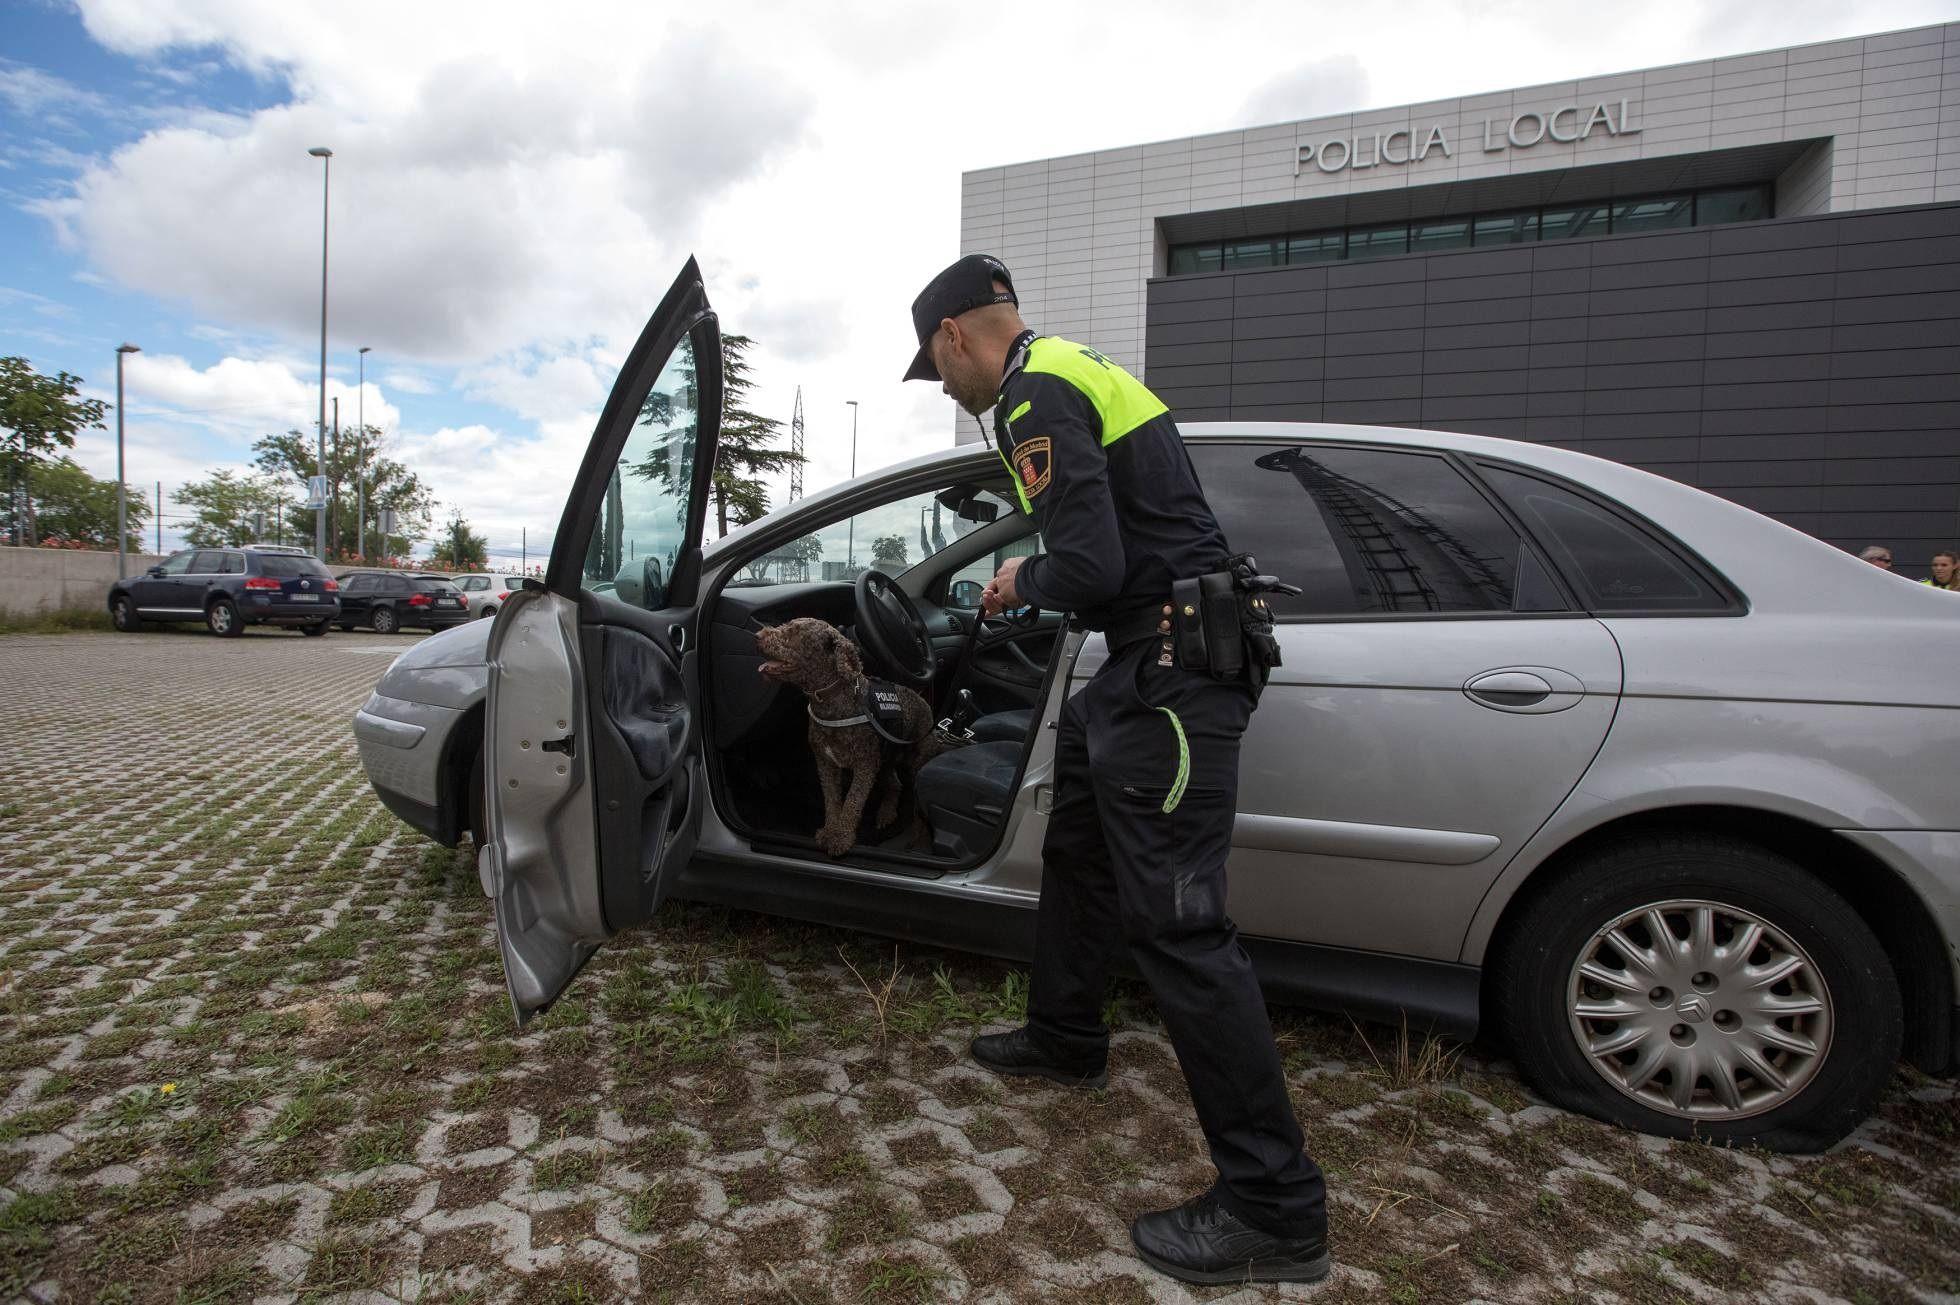 Protagonistas Majadahonda: Odie, Suha, Tuca y Dyngo (Policía Canina), abandono de mascotas, límites a las terrazas, talleres para mayores